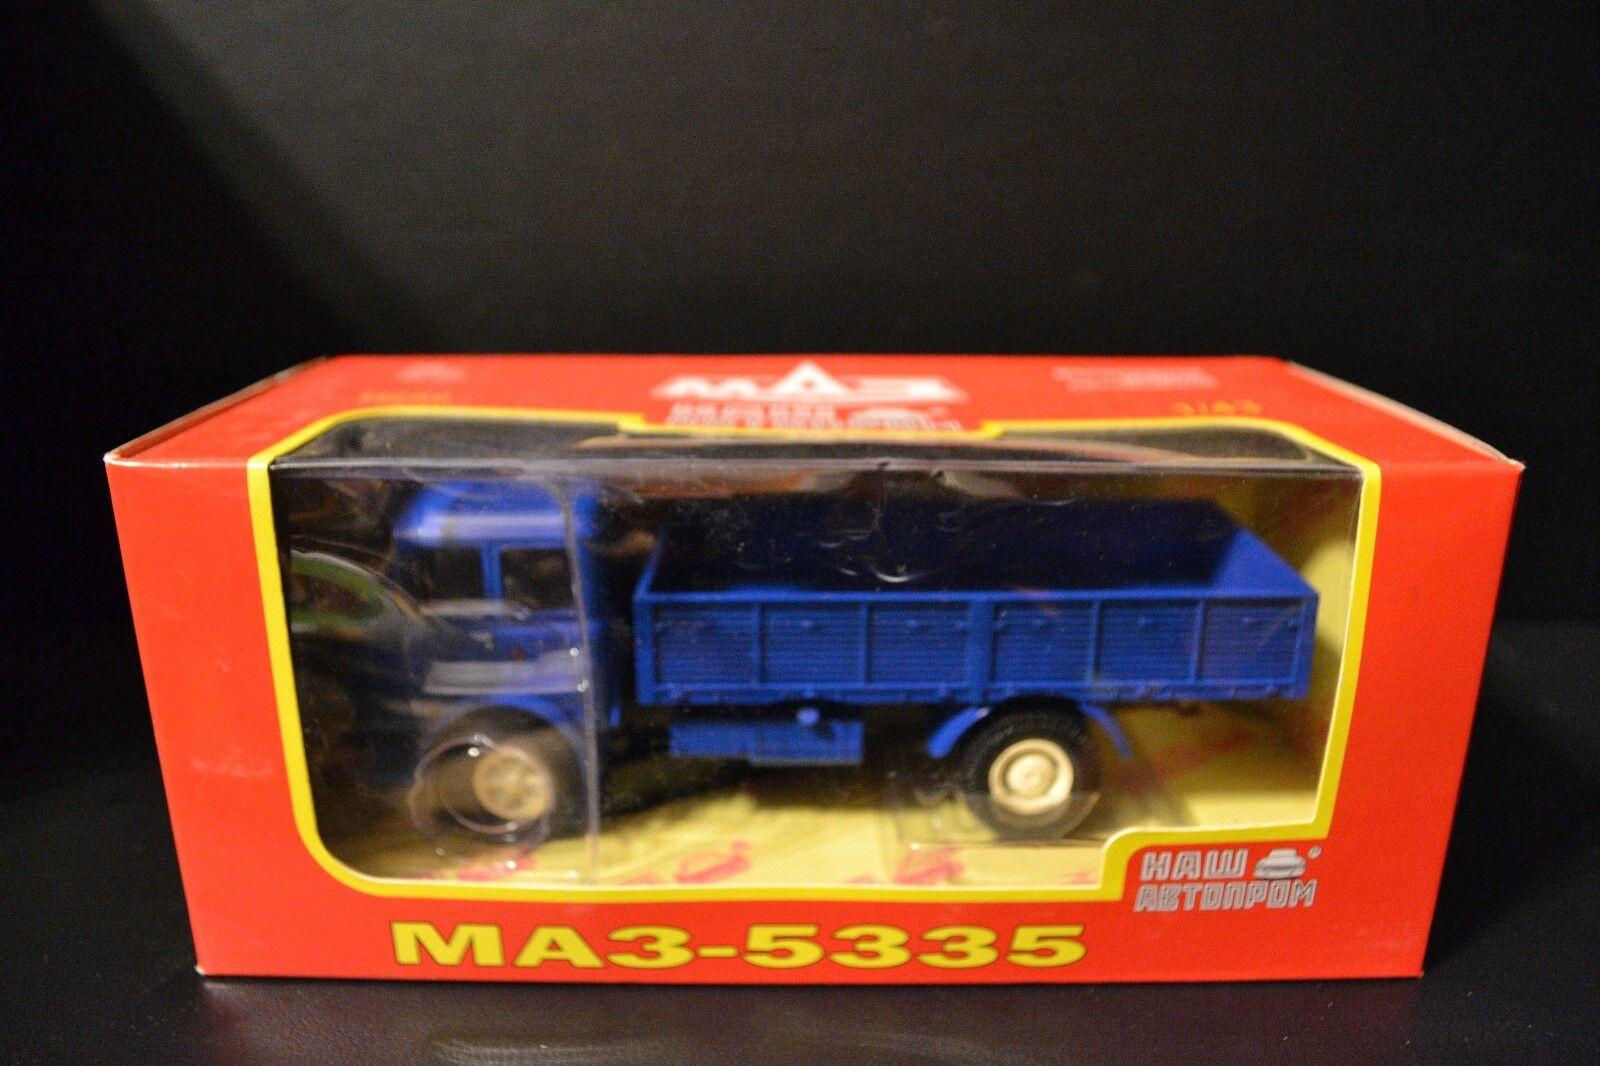 MAZ-5335 1977-1990 1977-1990 1977-1990 modelo diecast camión soviético en escala 1 43 839763